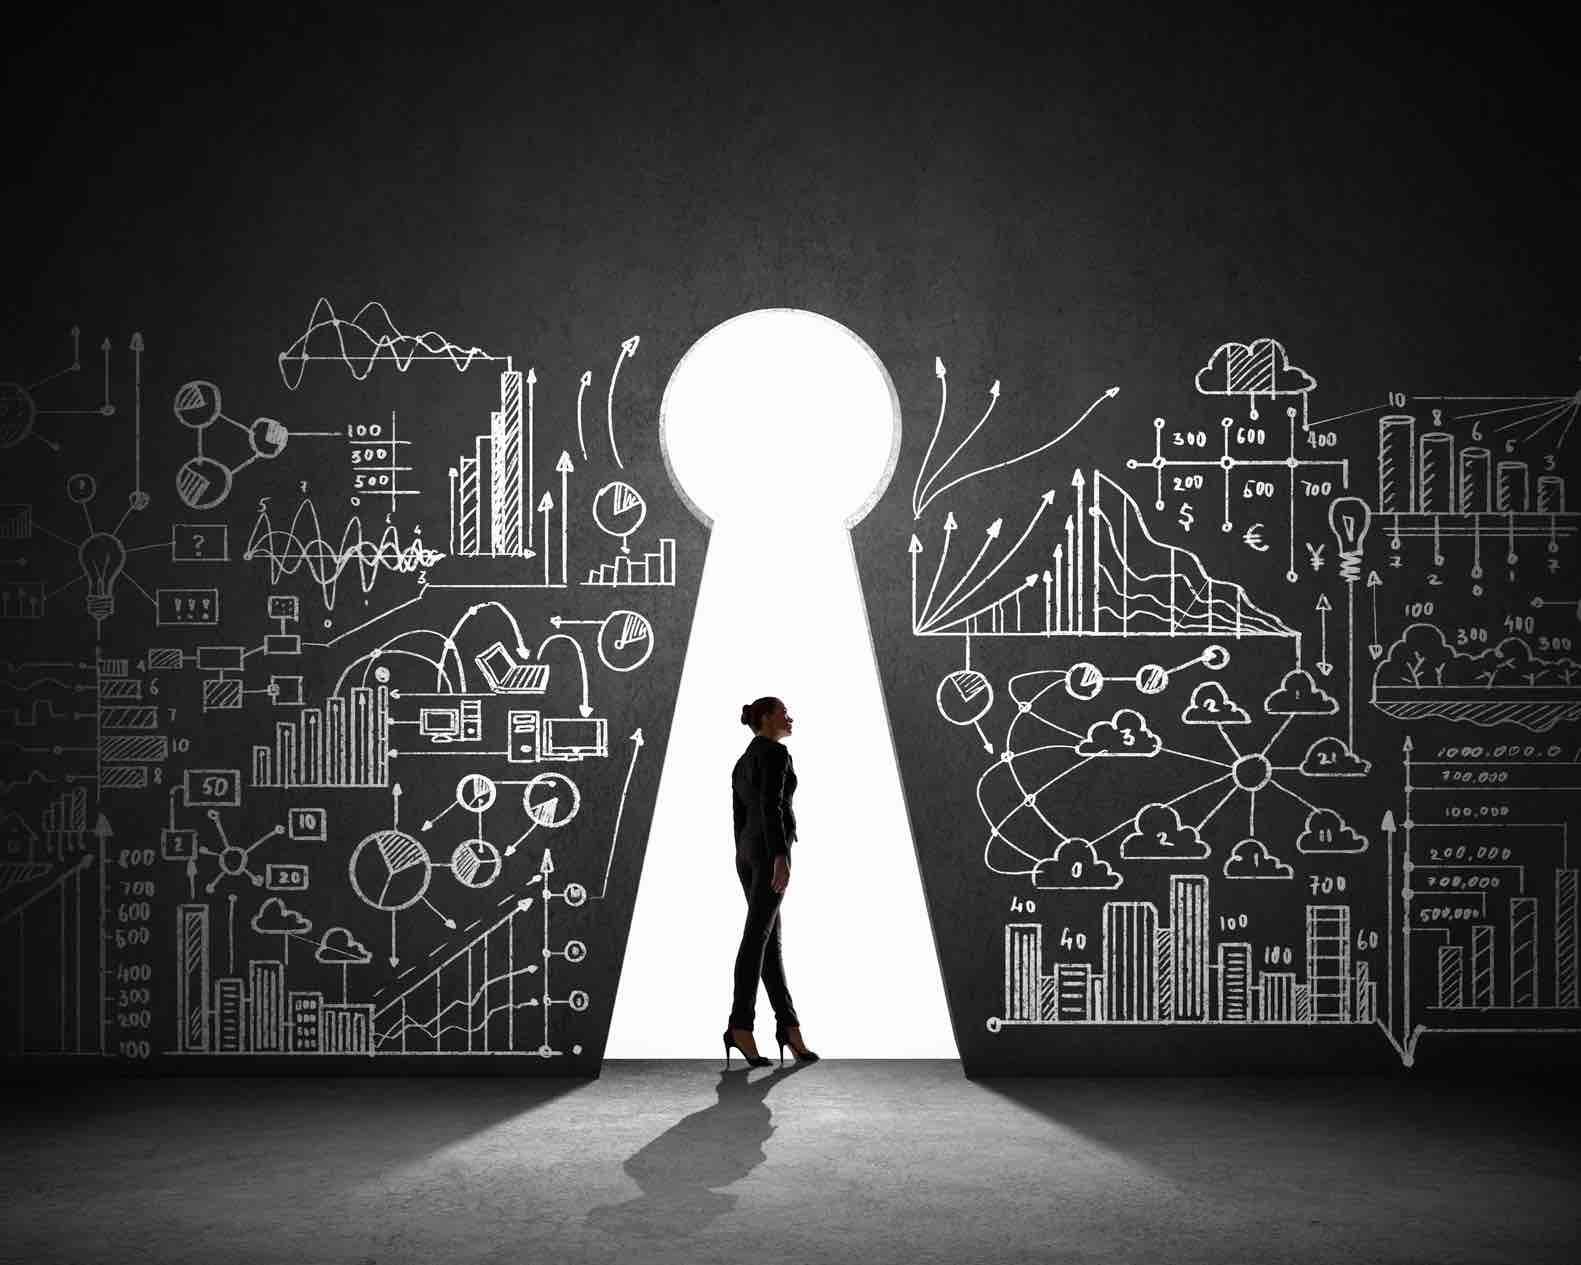 Klantenbeleving begrijpen en inschatten is de sleutel voor uw toekomst